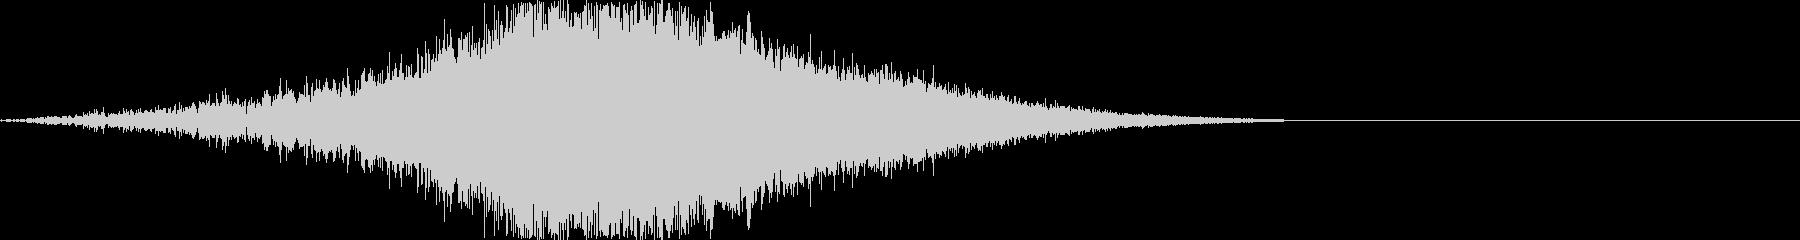 盛り上がるシンバル/フェード/1の未再生の波形